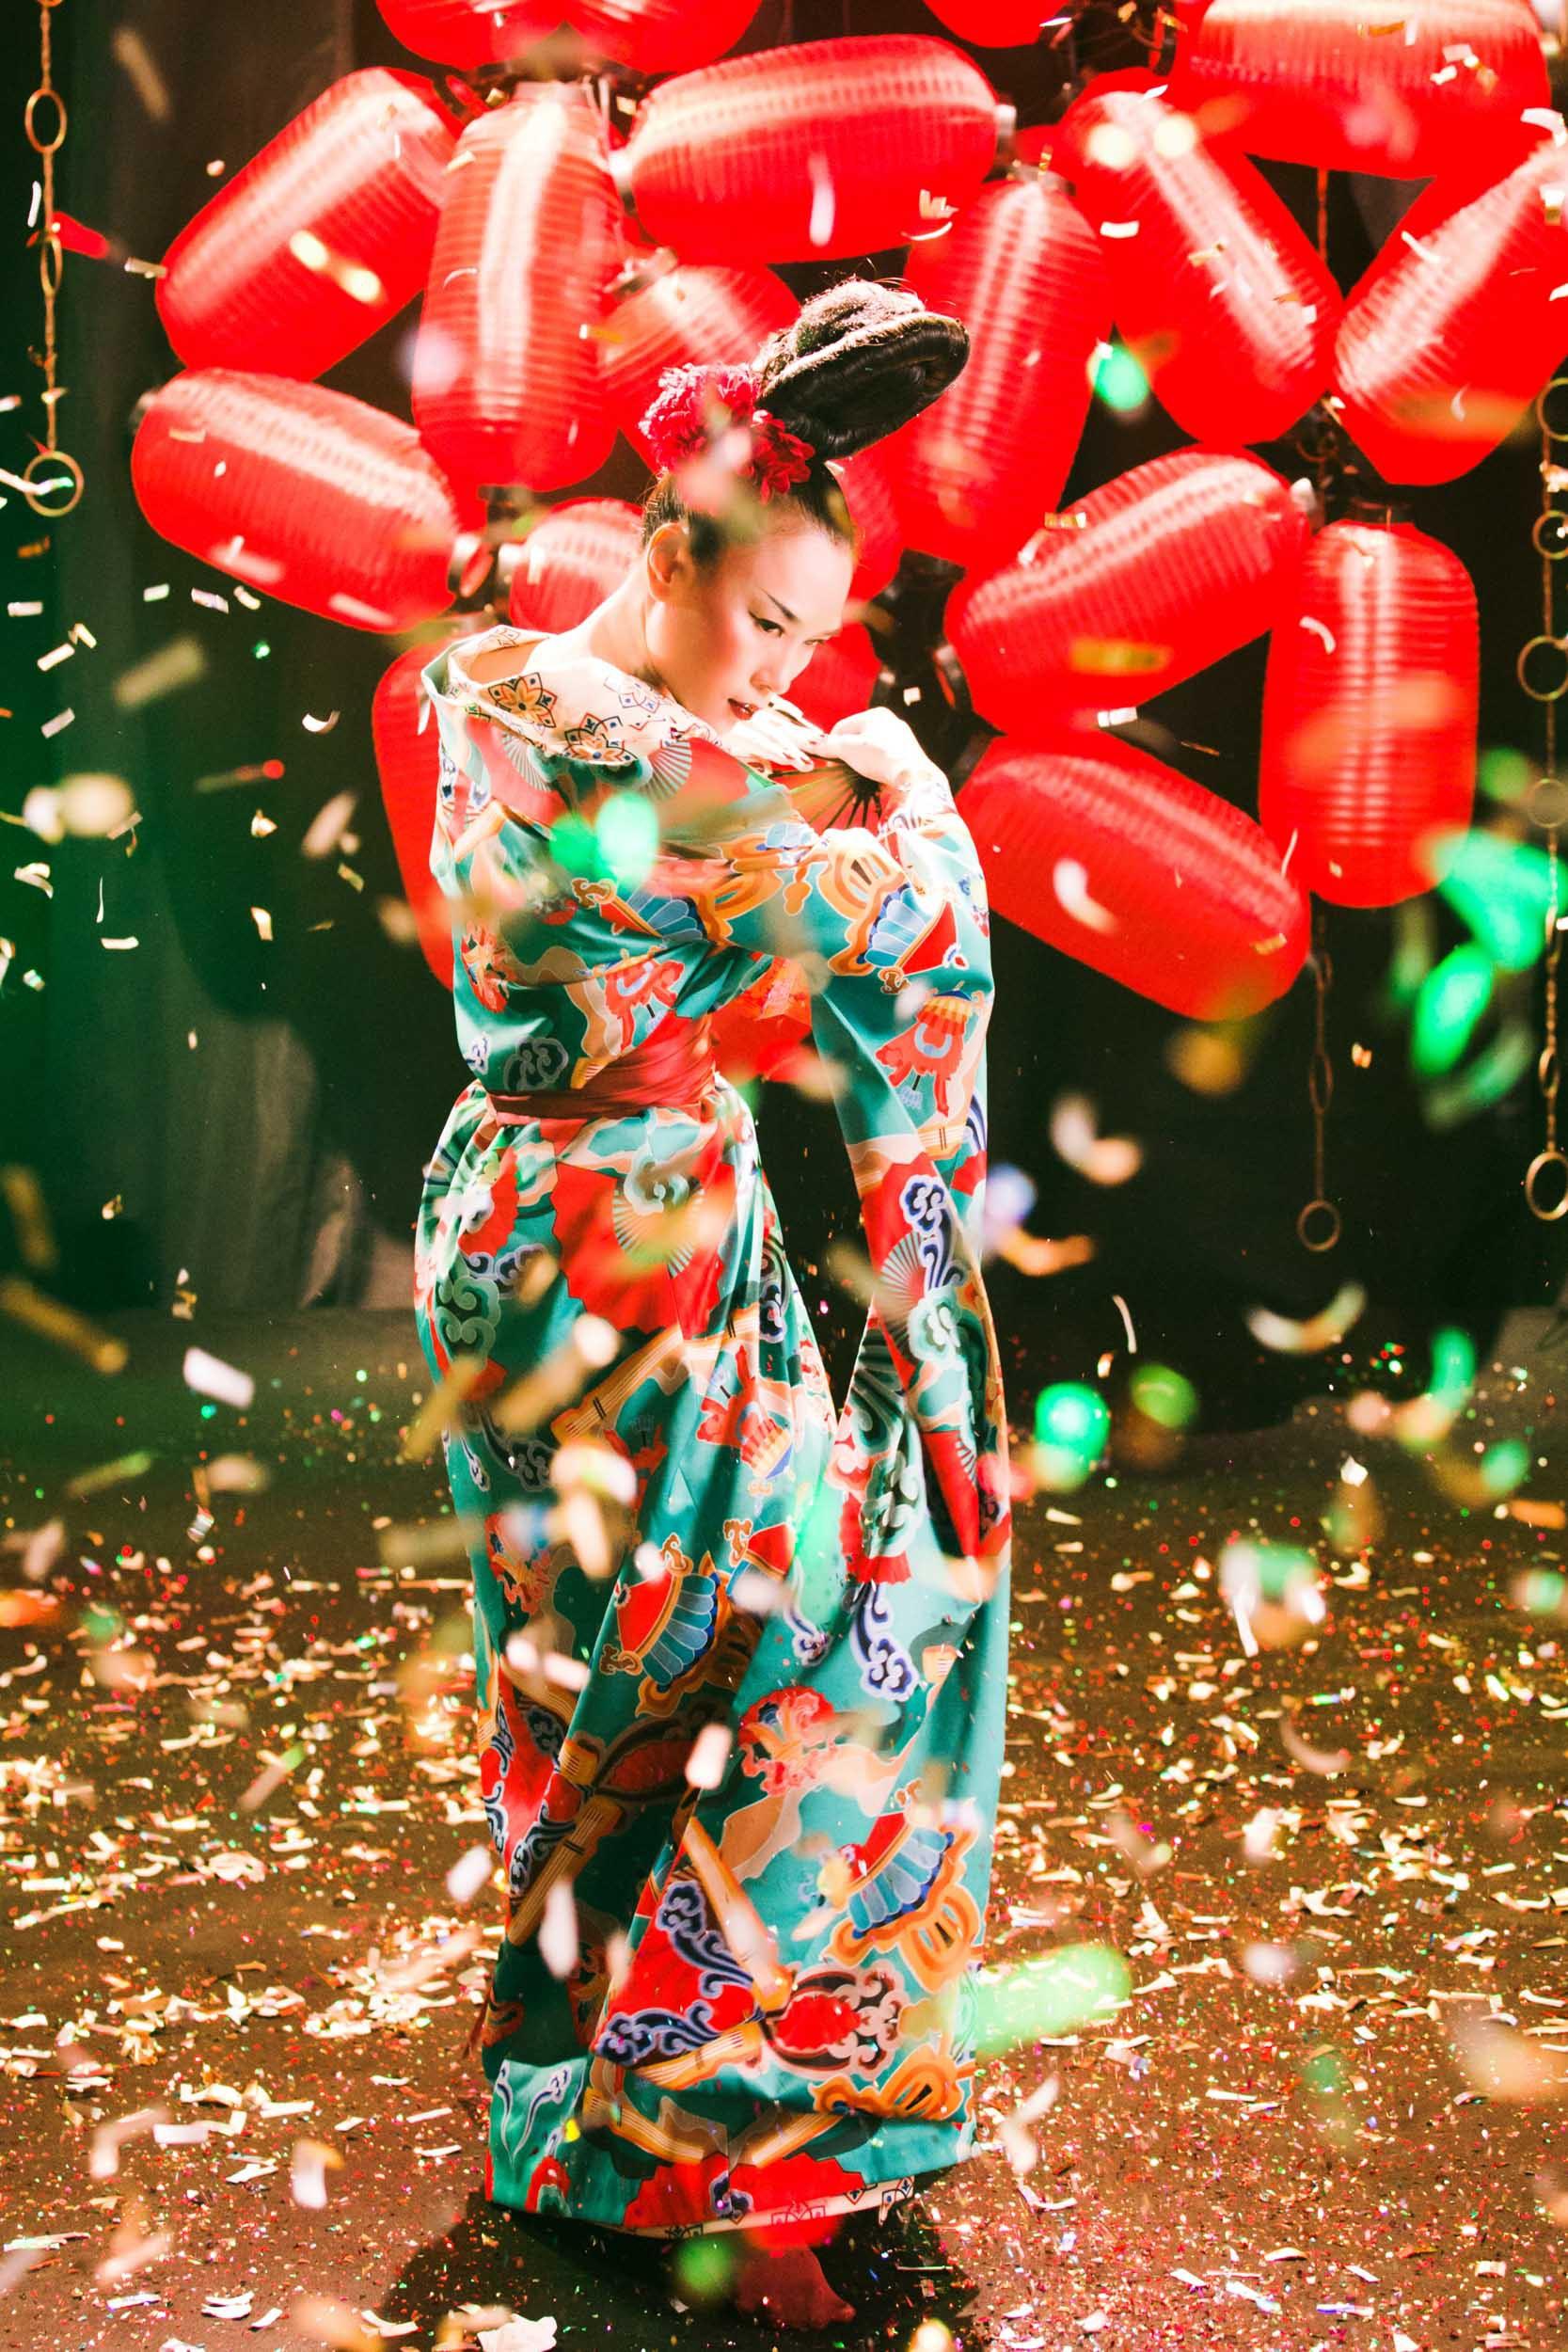 HOT: Mỹ Tâm bất ngờ tung MV mới với tạo hình geisha, vẫn giữ cảnh cởi áo khoe lưng trần từng hé lộ trong teaser - Ảnh 6.